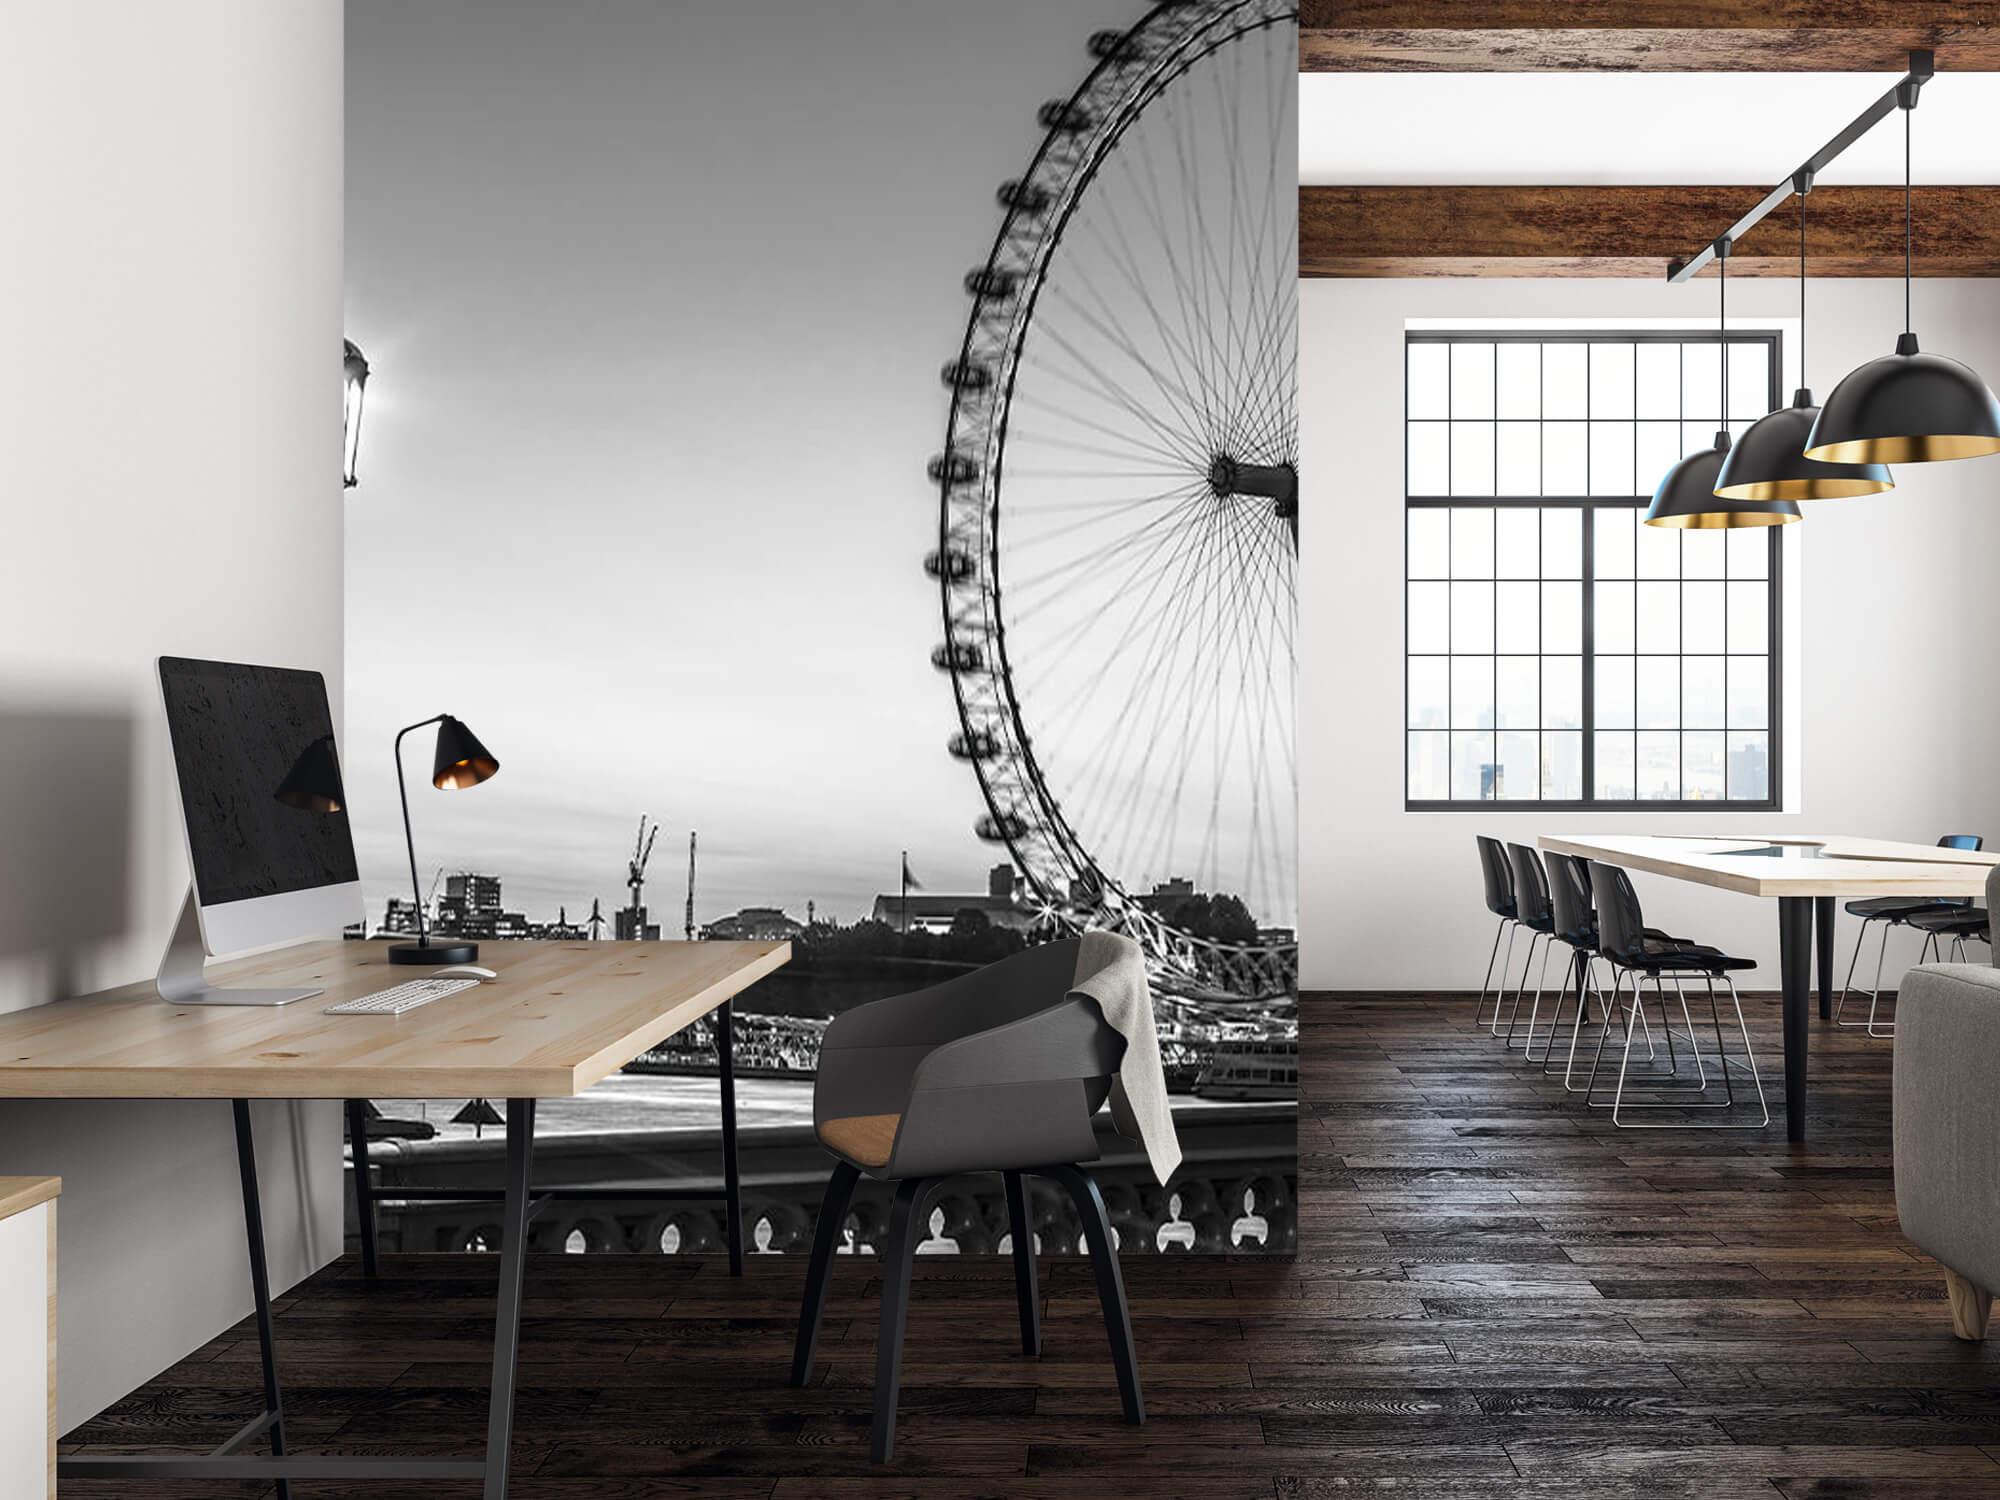 Pariserhjulet svart och vitt 2